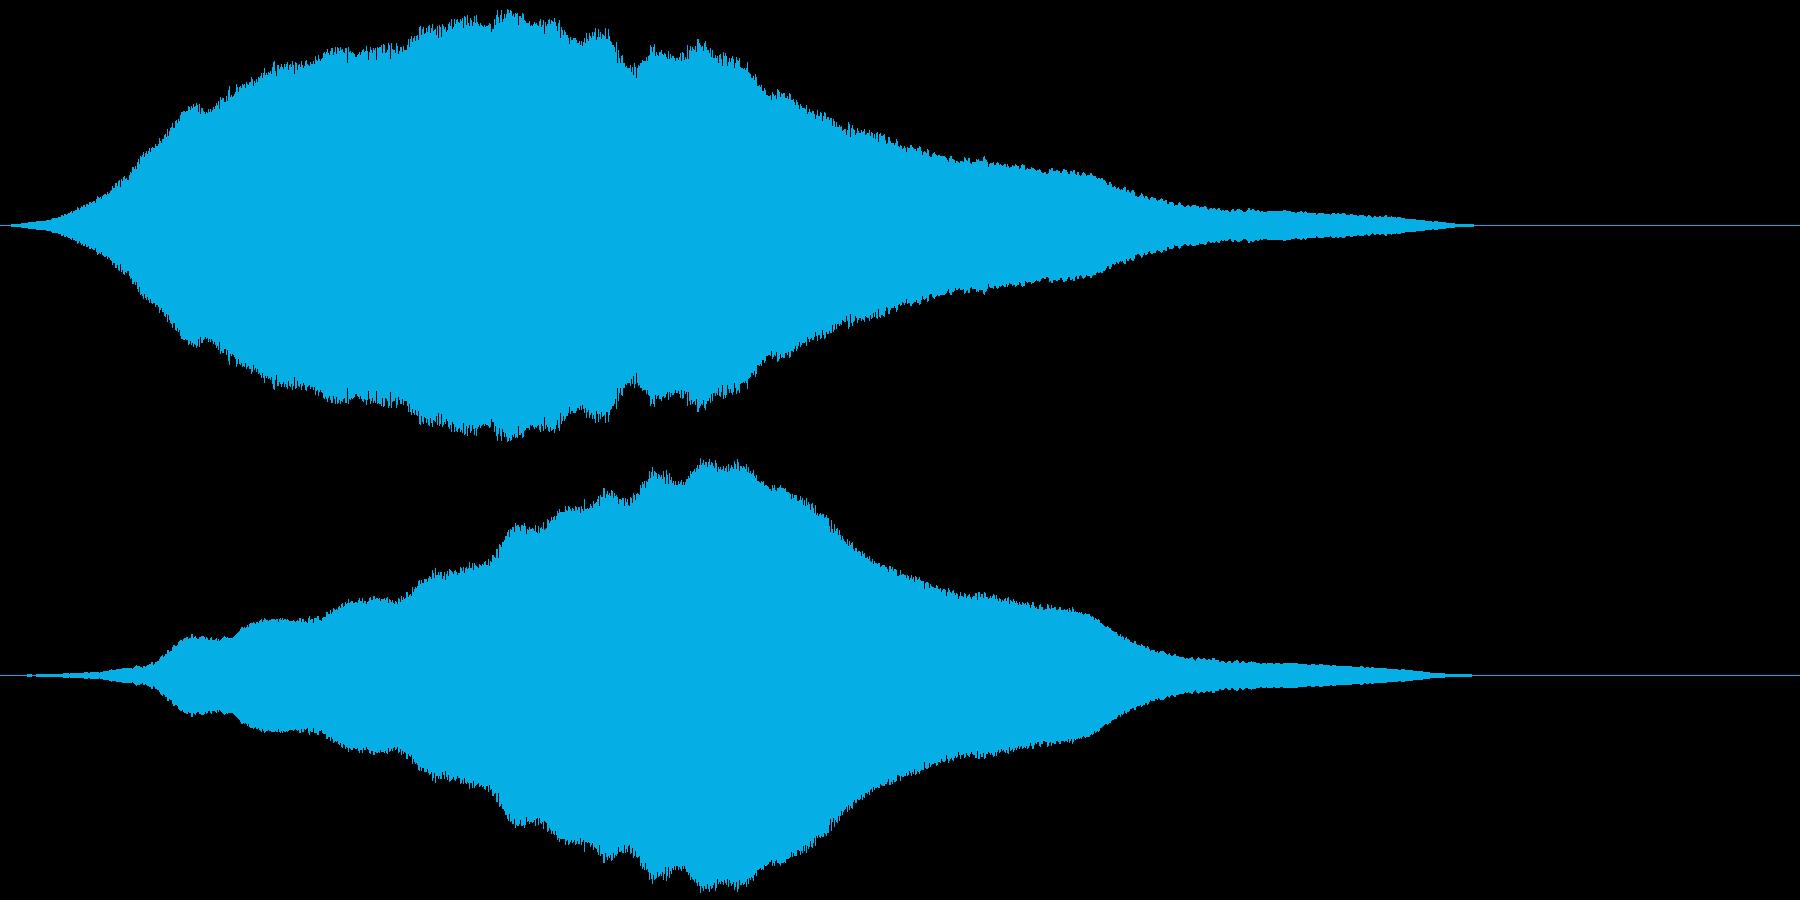 耳障りなハウリング音(フォーン)の再生済みの波形